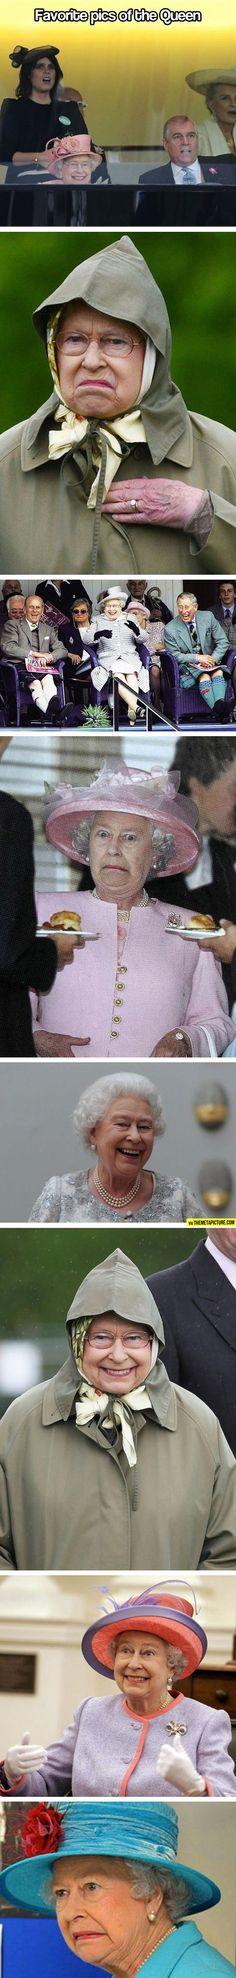 Best Pictures Of The Queen